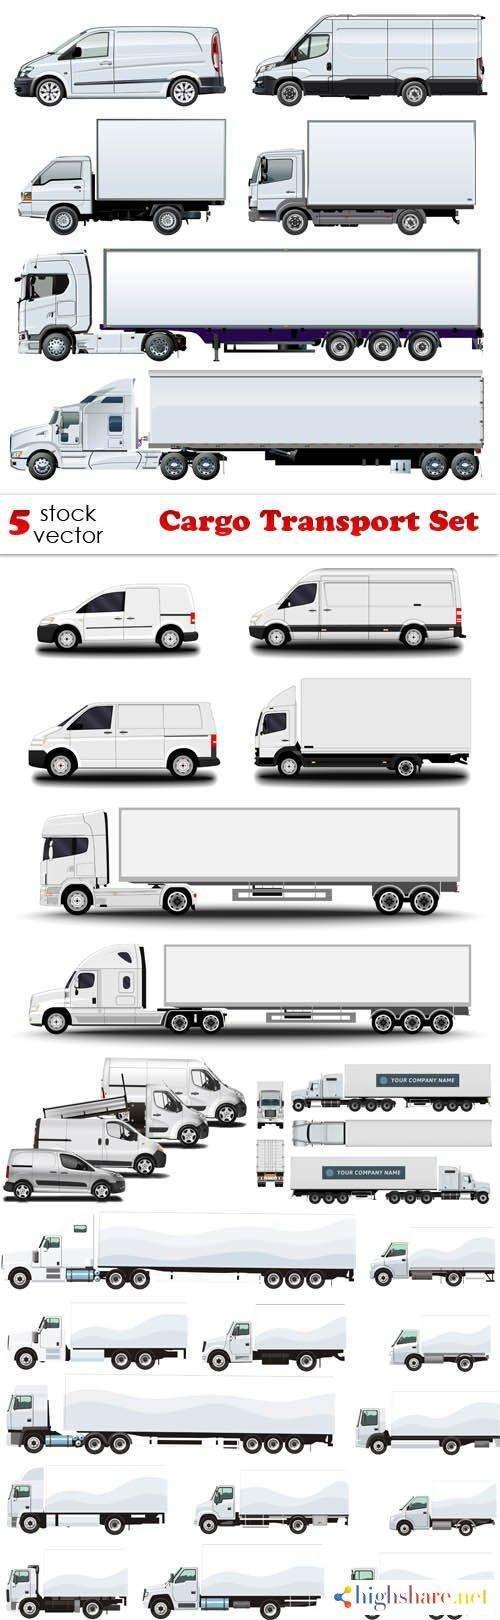 vectors cargo transport set 5f465581dc6e1 - Vectors - Cargo Transport Set